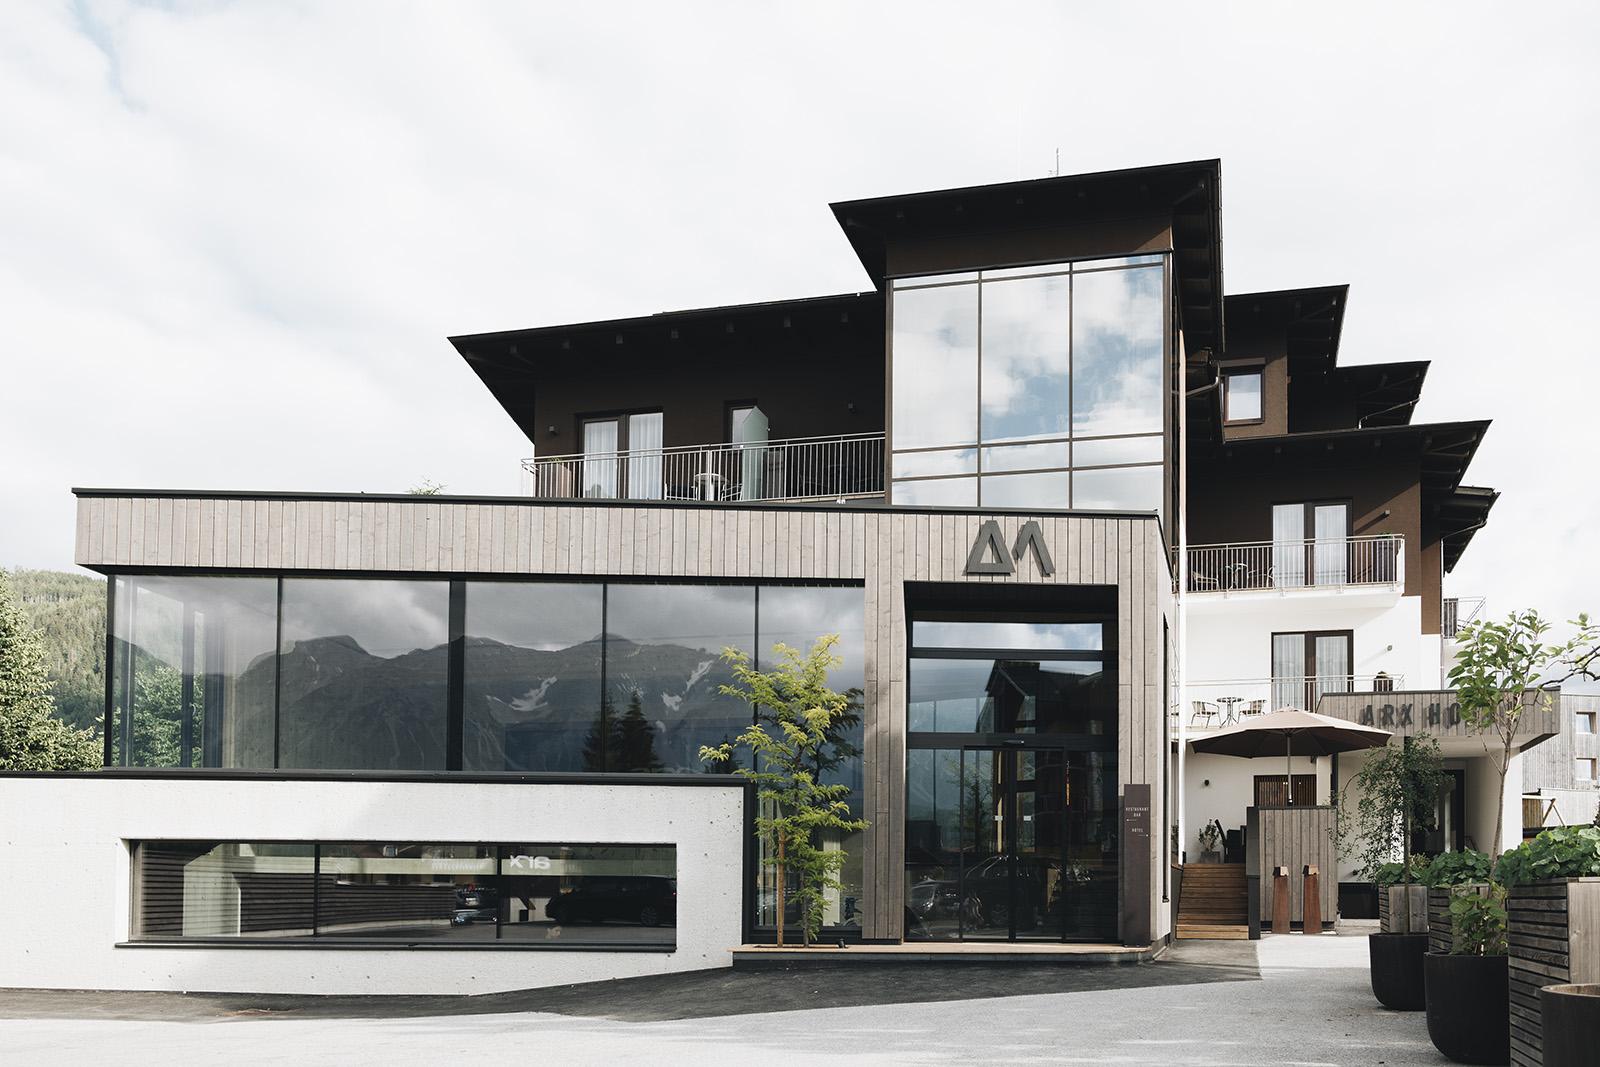 ARX Hotel in Schladming Rohrmoos Außenansicht an einem wolkigen Tag